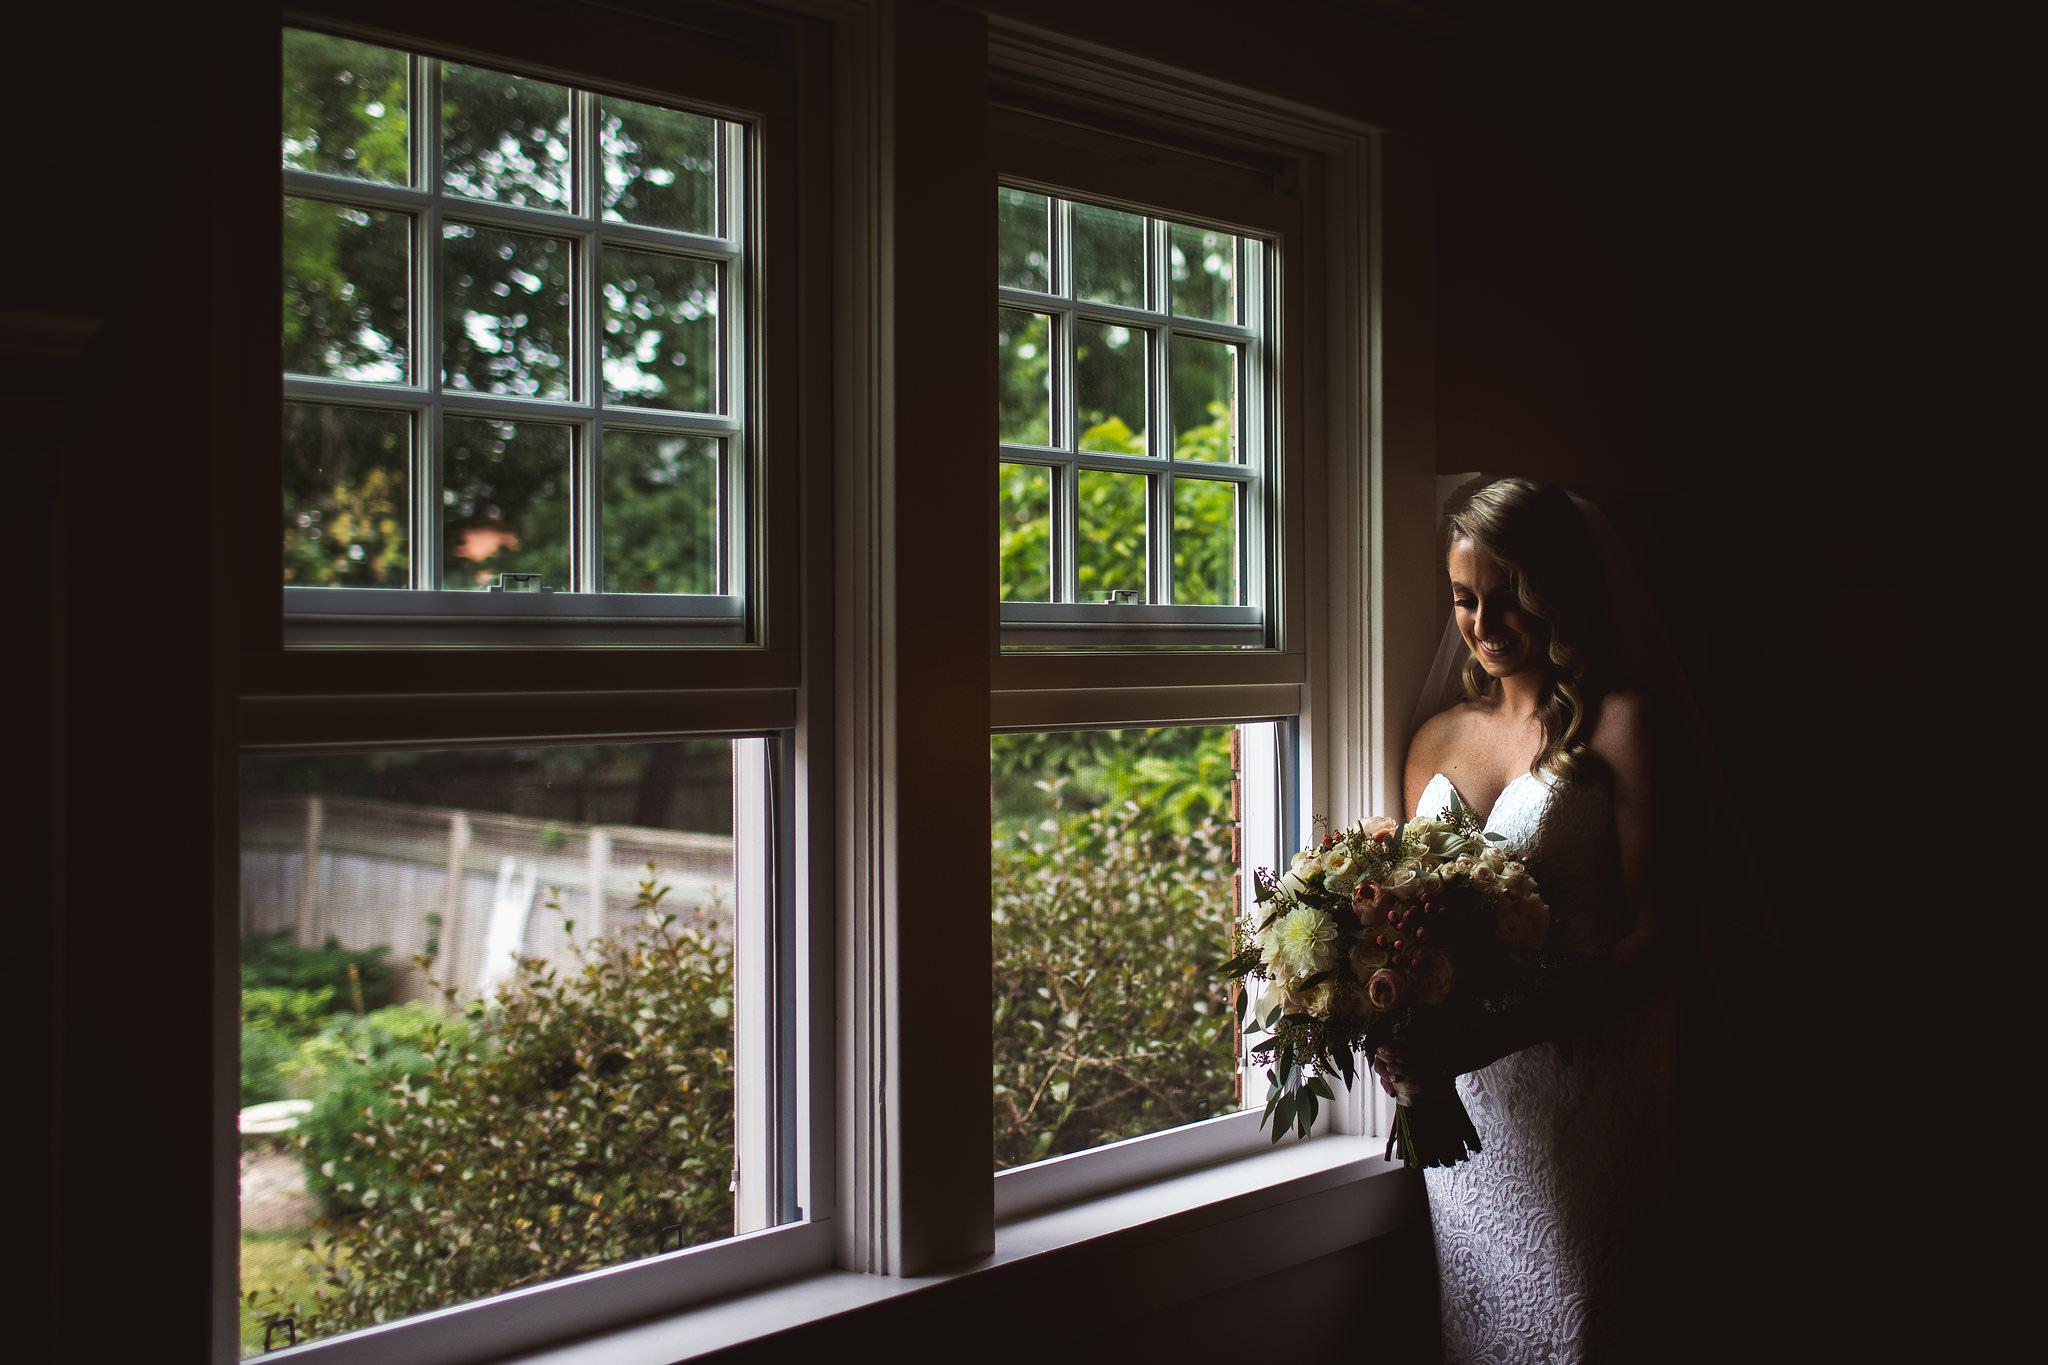 whistlebearweddingphotos 115 - Whistle Bear Wedding Photos